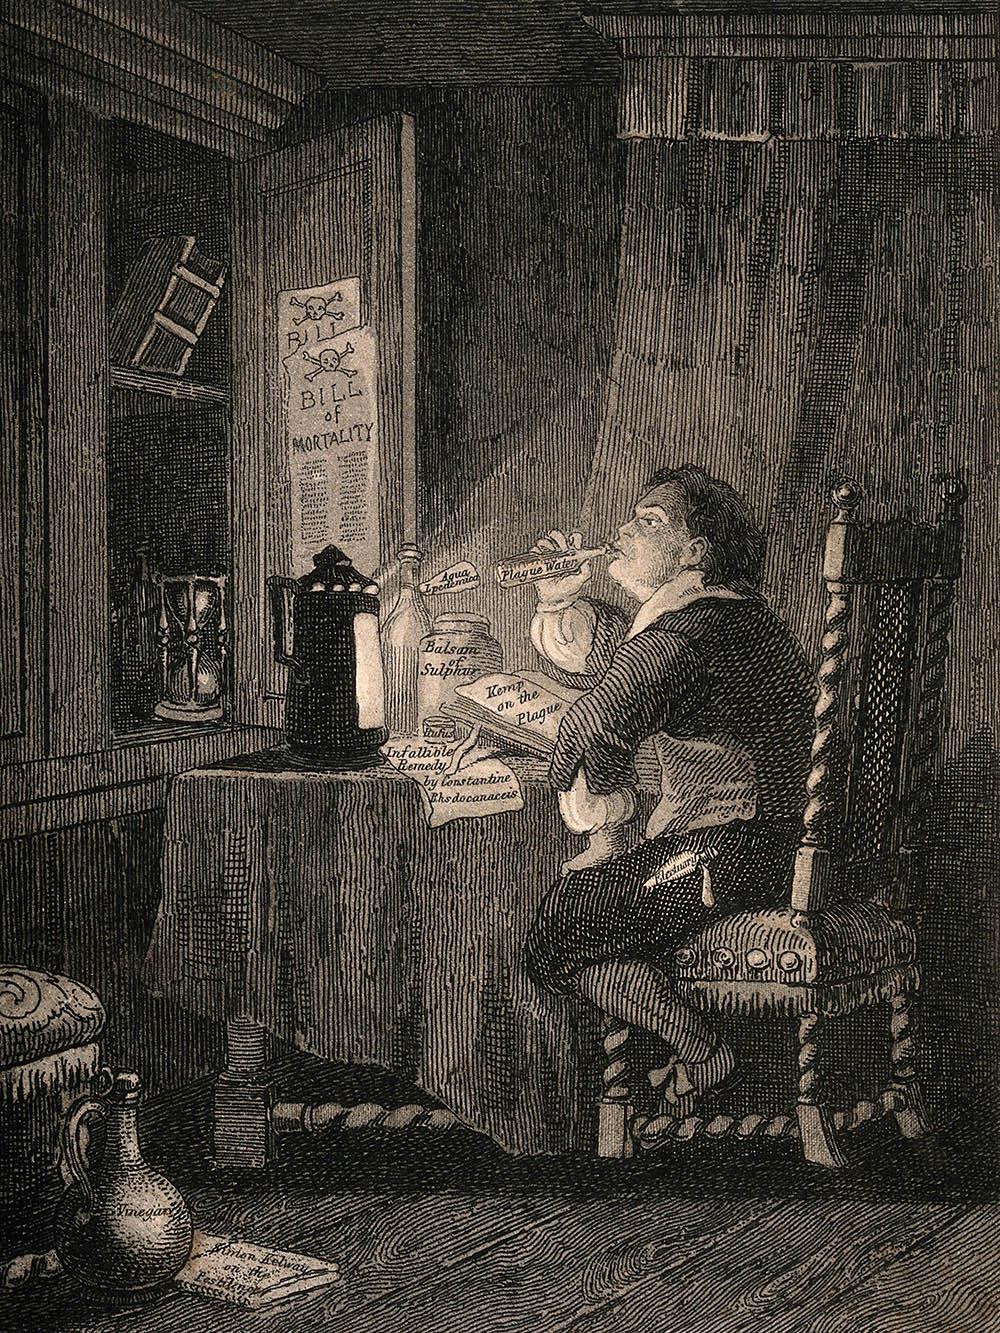 J Franklin. Un hombre que consume muchos antídotos contra la plaga durante la Gran Plaga de Londres.1841. Wellcome Collection.